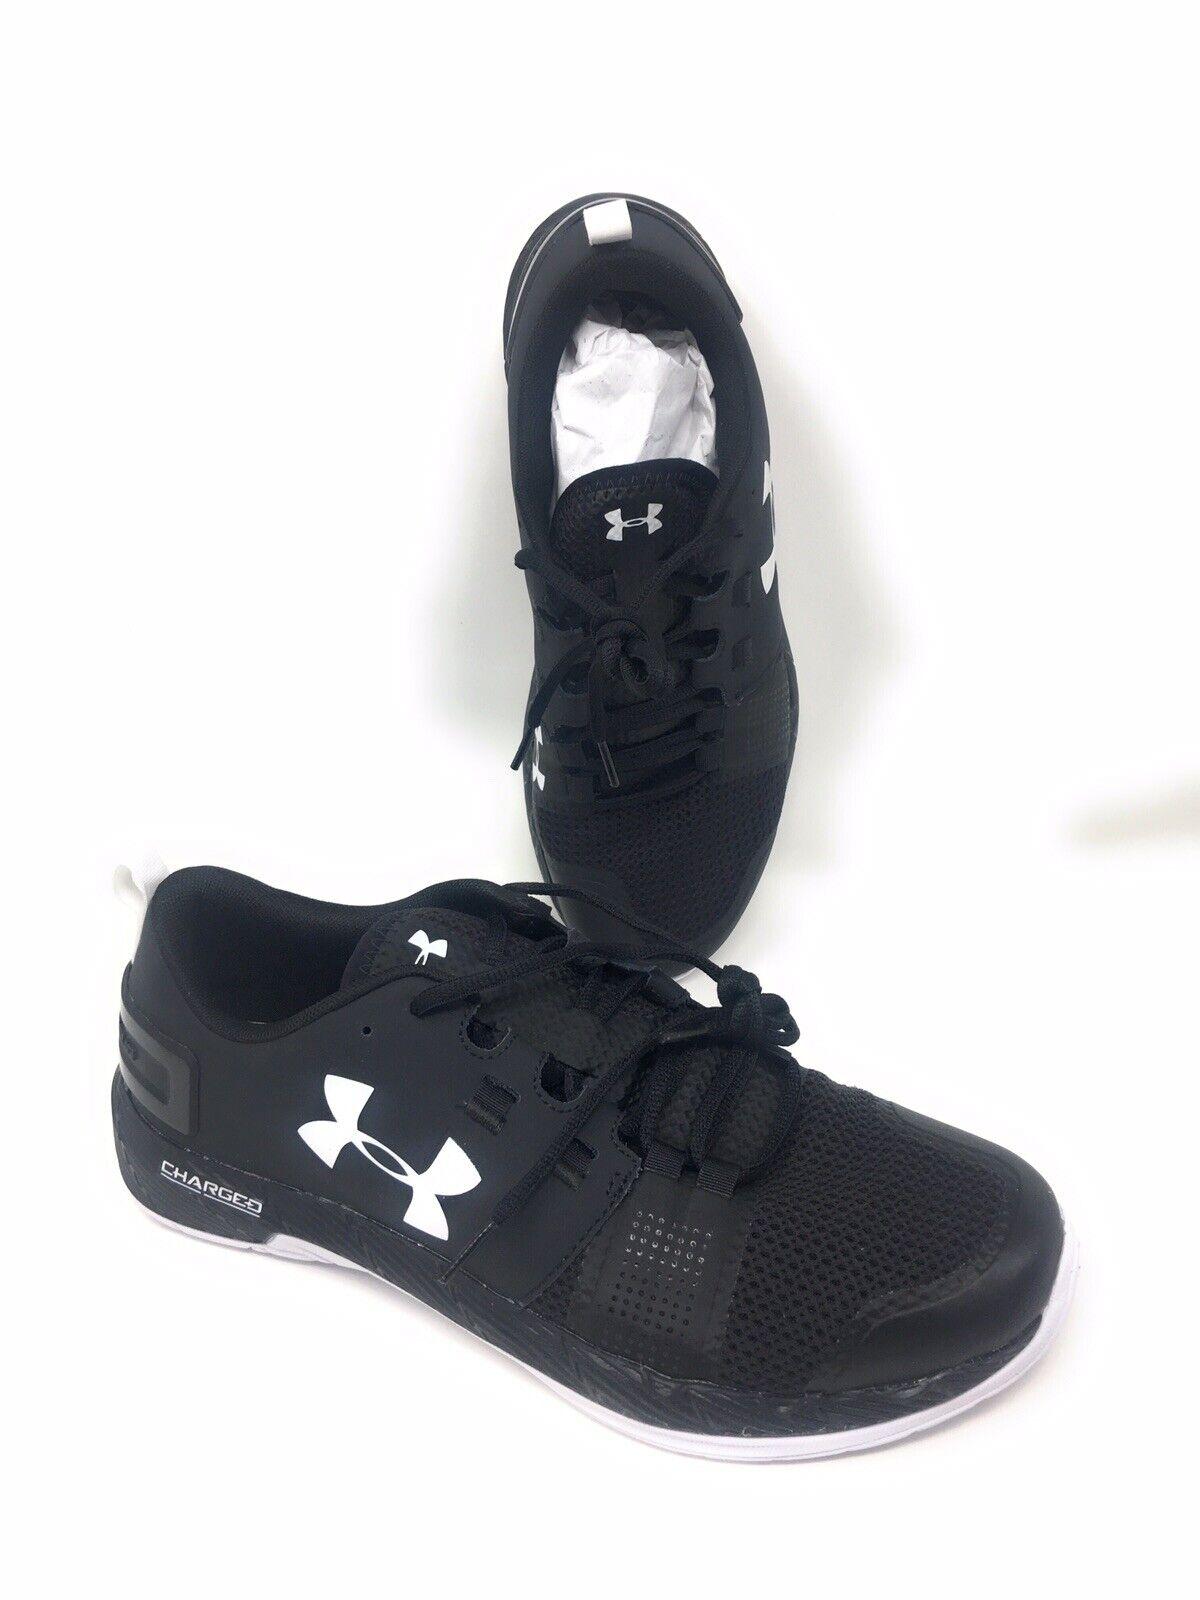 Under Armour Commit Commit Commit TR Uomo Running scarpe 10.5 nero bianca UA Athletic 3ae120